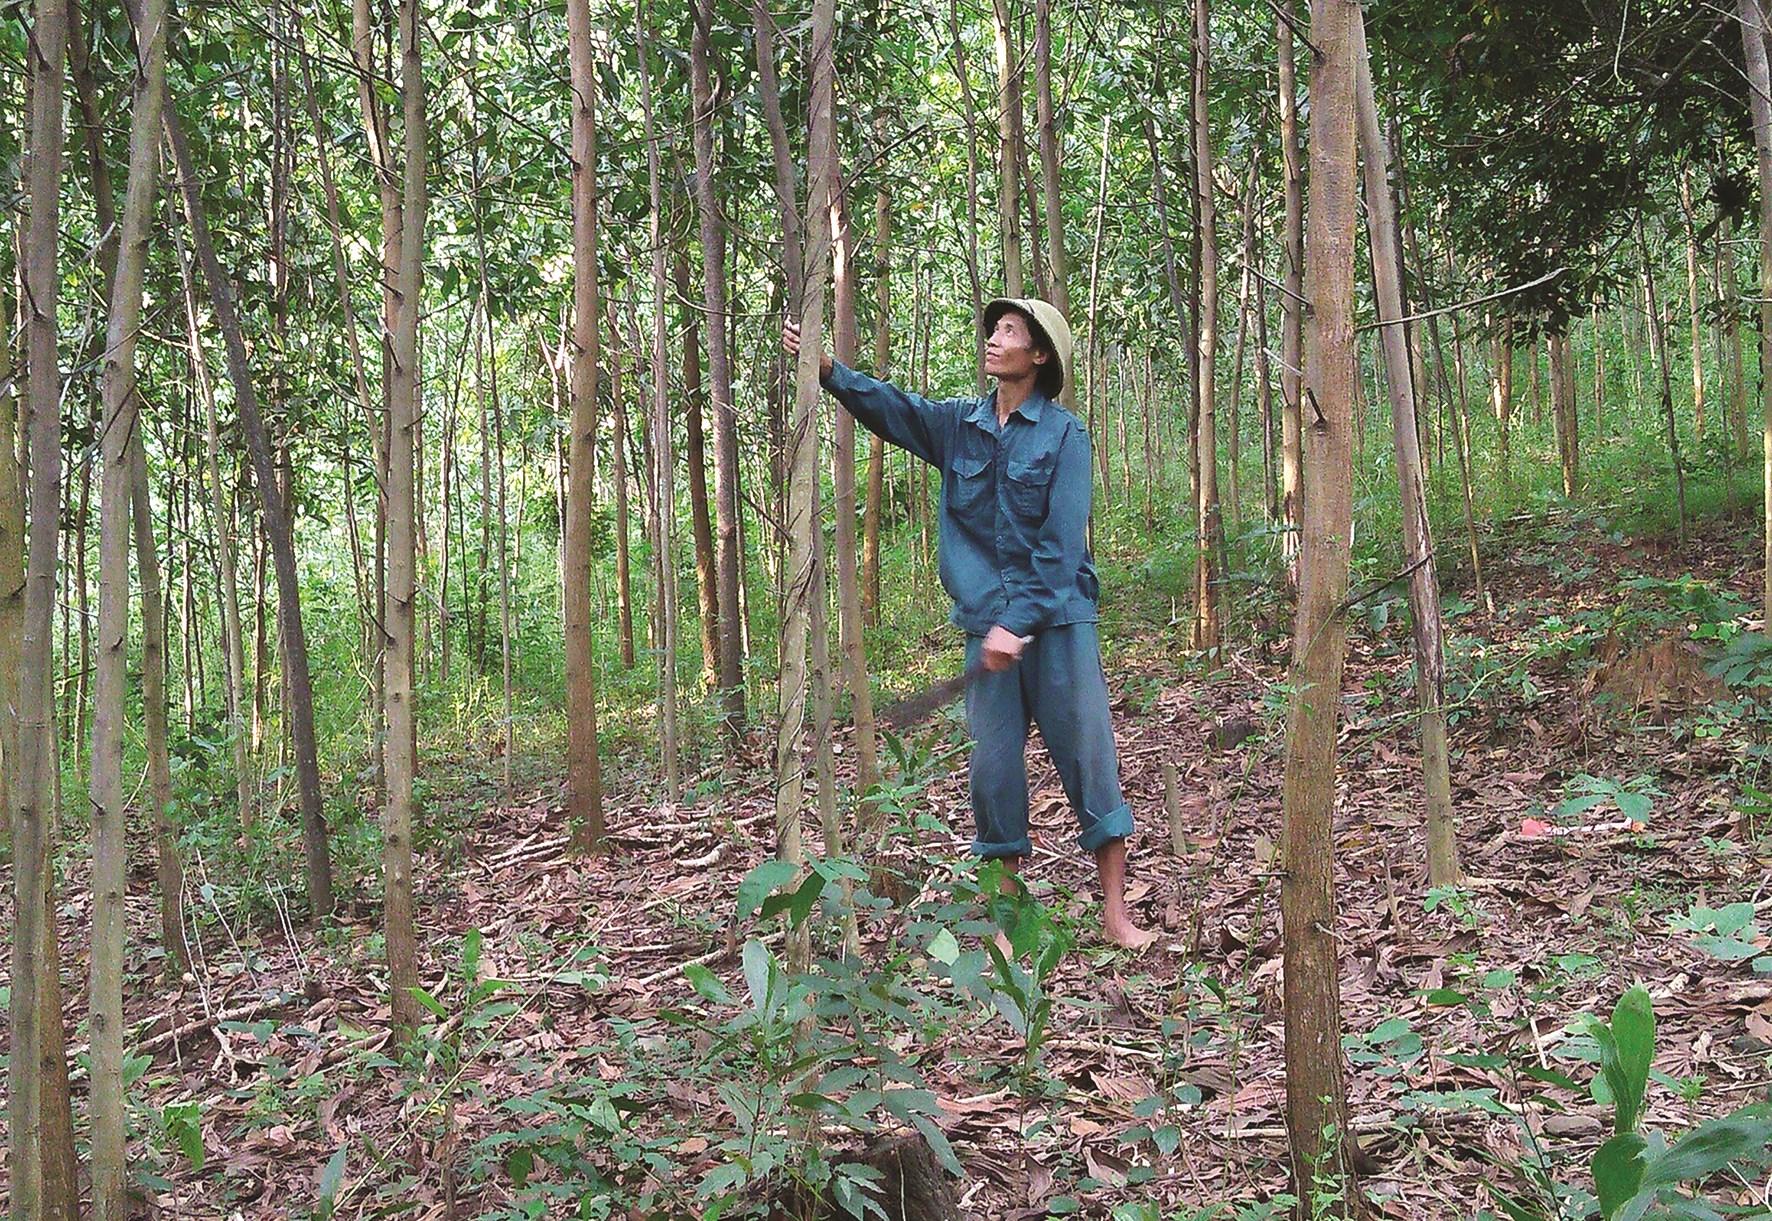 Nhiều hộ dân ở miền núi Thanh Hóa sau khi được hỗ trợ trồng rừng đã thoát khỏi danh sách hộ nghèo